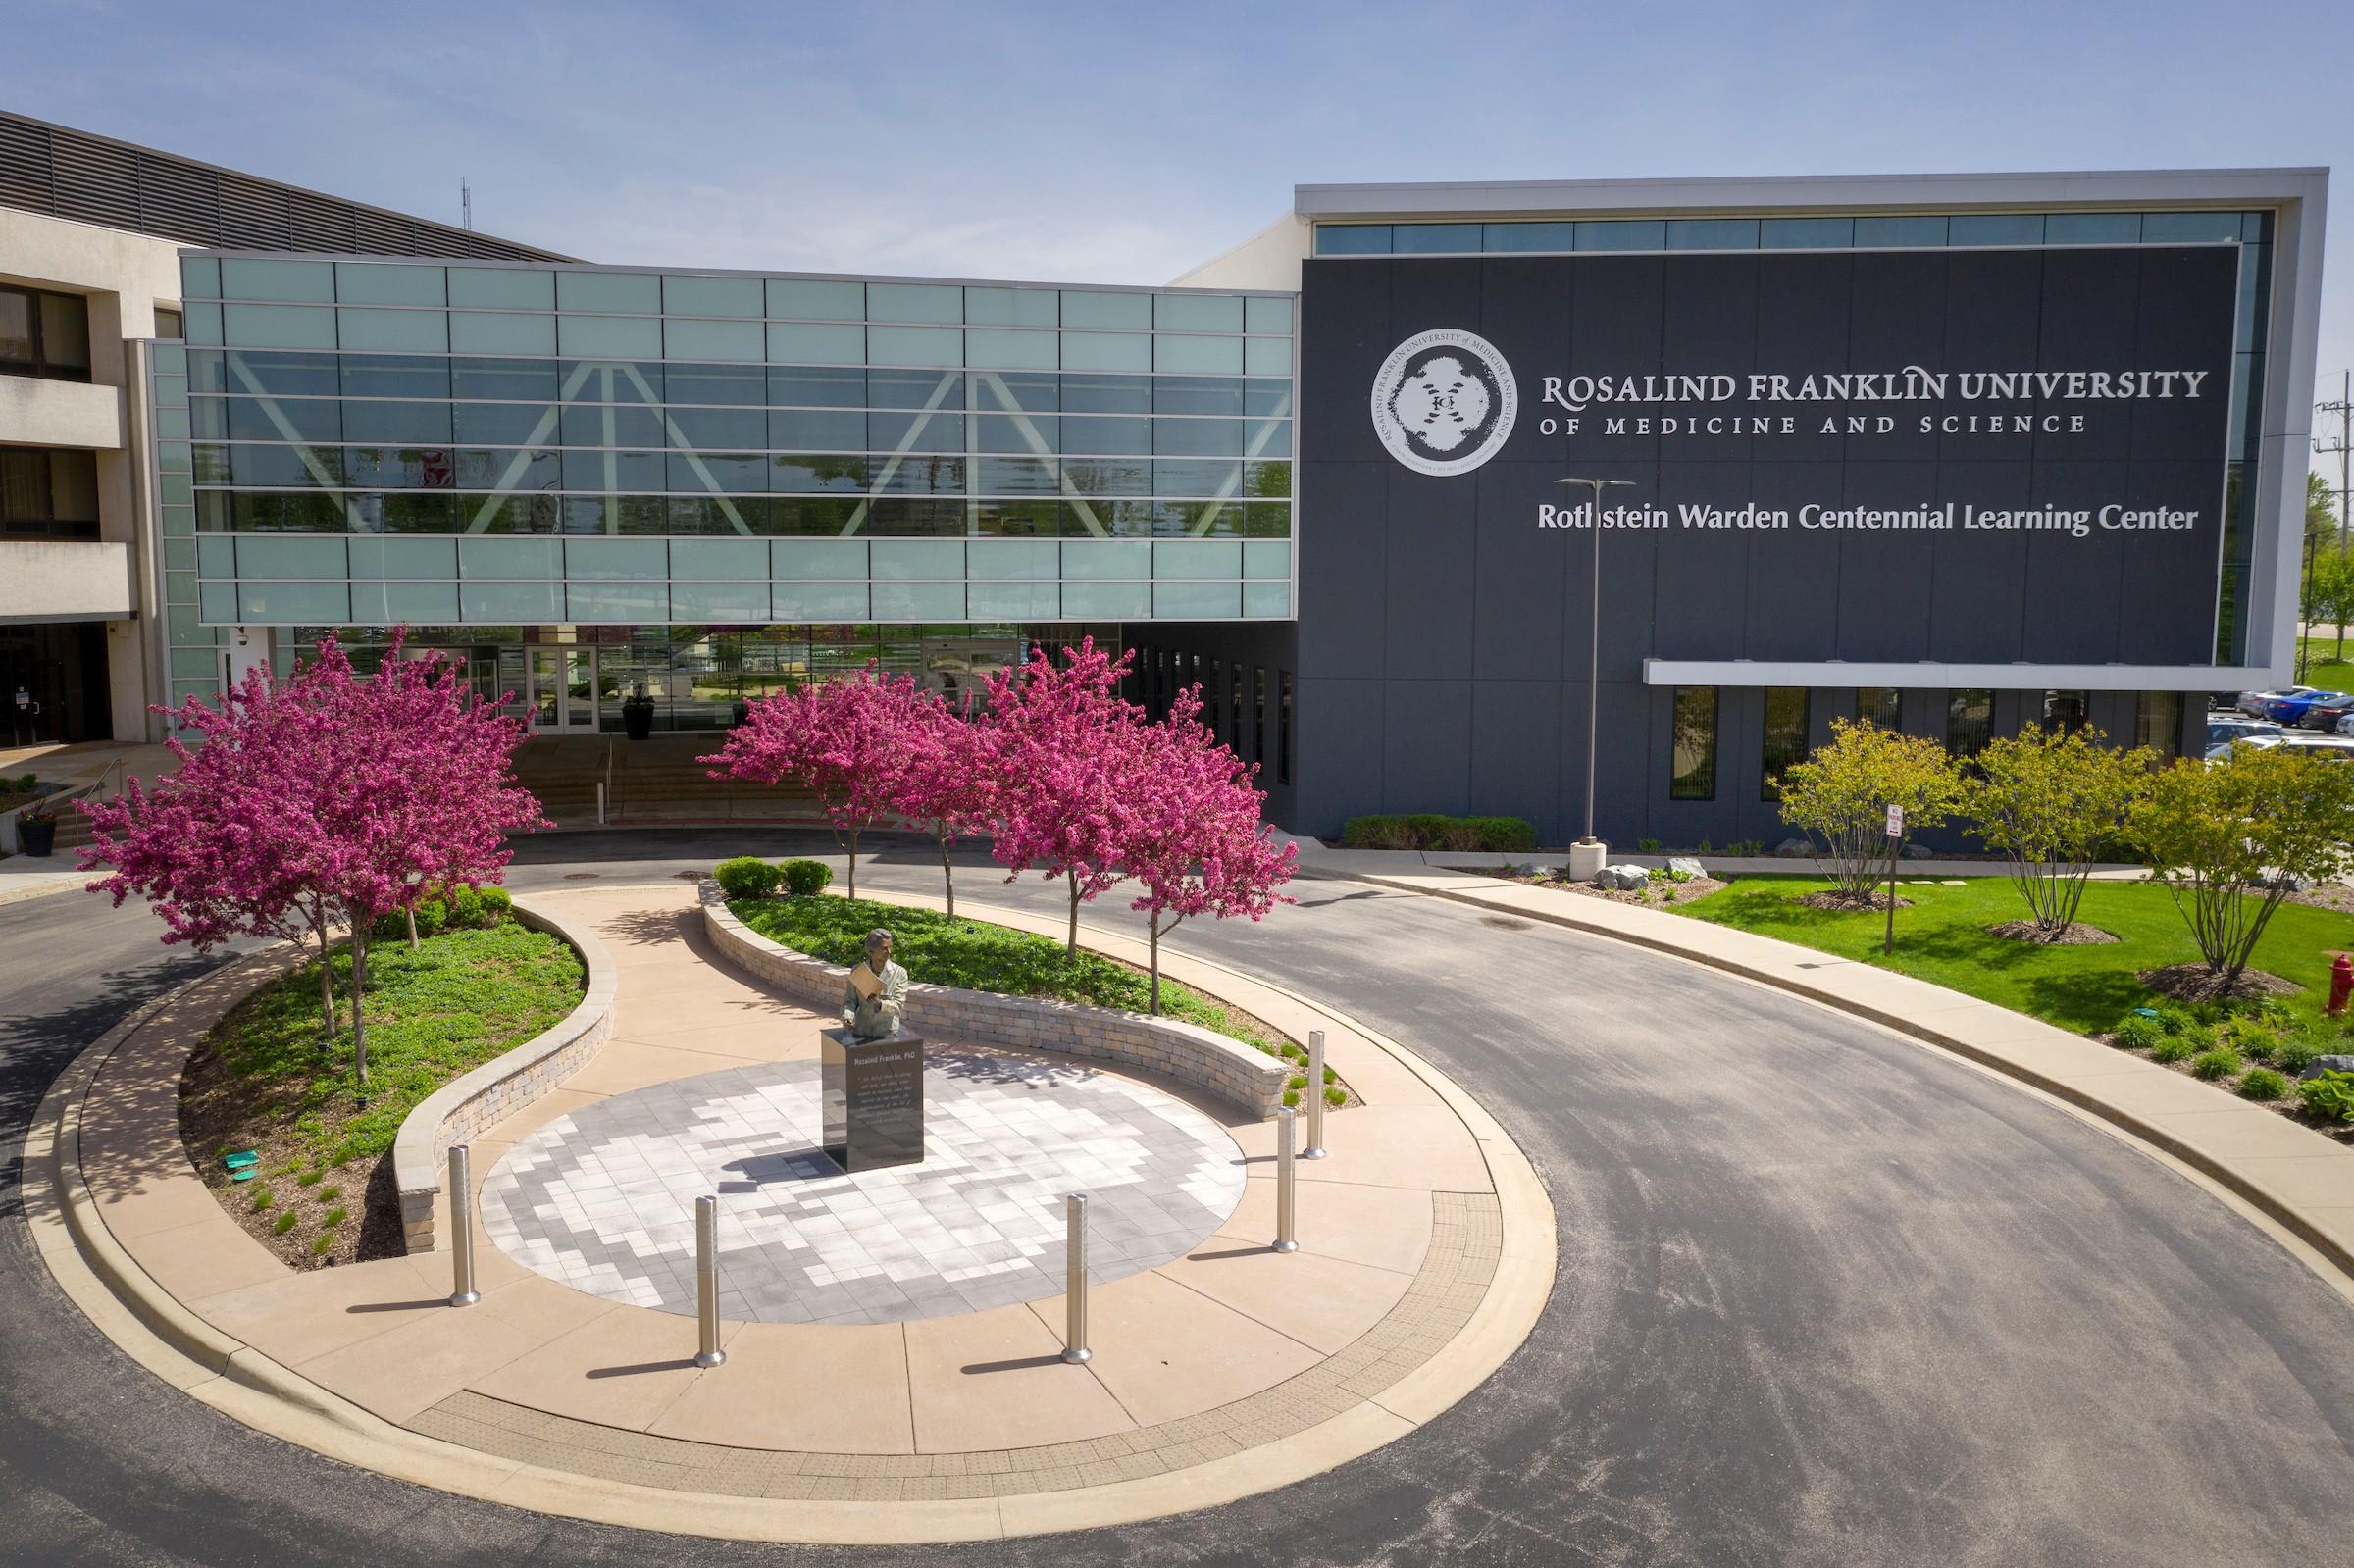 Rosalind Franklin University of Medicine and Science | LinkedIn